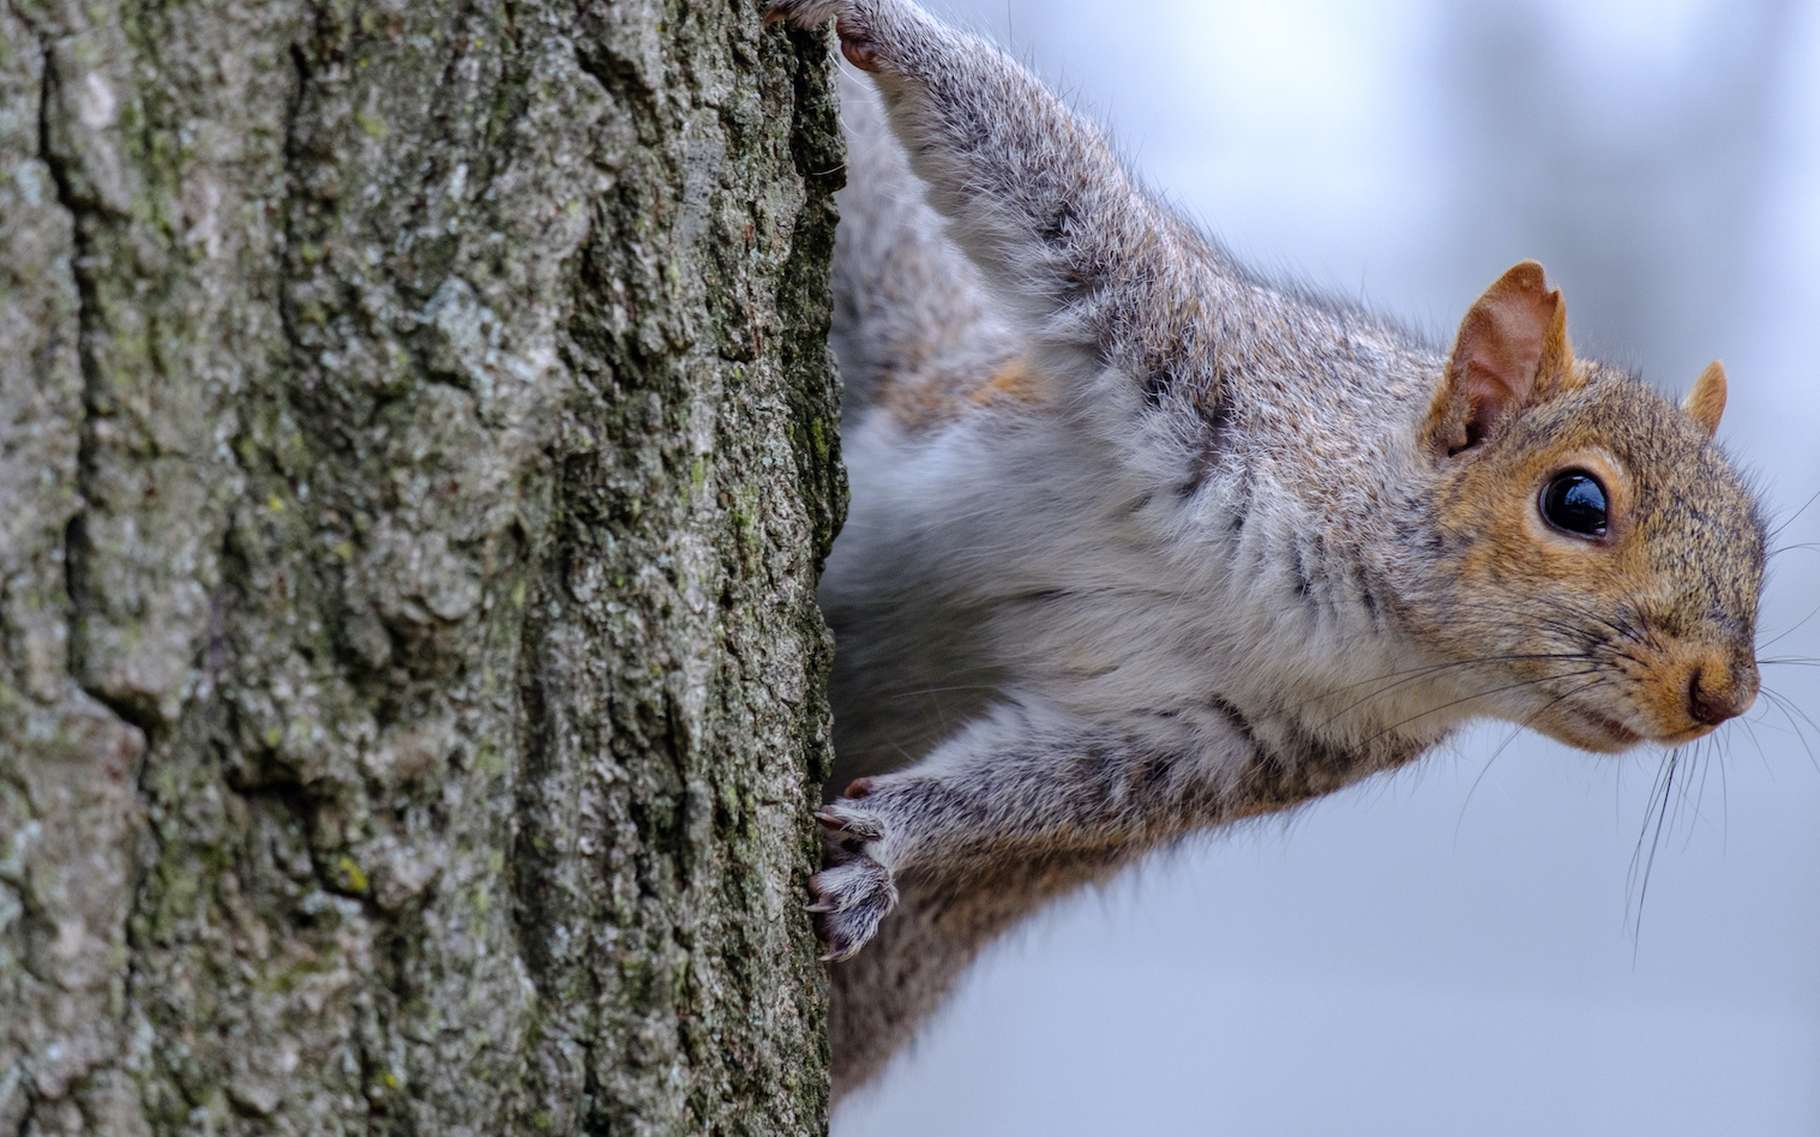 L'écureuil gris est originaire d'Amérique du nord. En Europe, il est considéré comme une espèce invasive qui concurrence son cousin, l'écureuil roux et nuit aux arbres en les écorçant. Mais il ne figure pas au top 5 des espèces invasives qui nous coûtent le plus cher. © quietbits, Adobe Stock